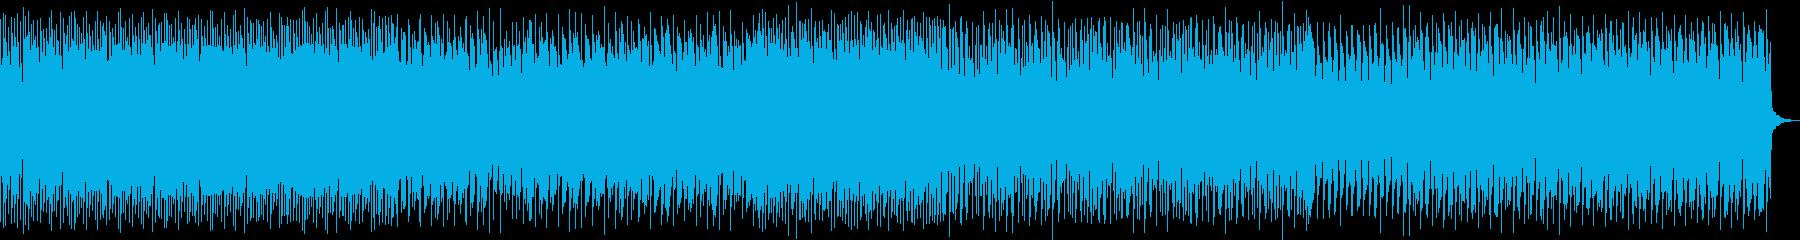 ノリのいい三味線テクノ(remix )の再生済みの波形